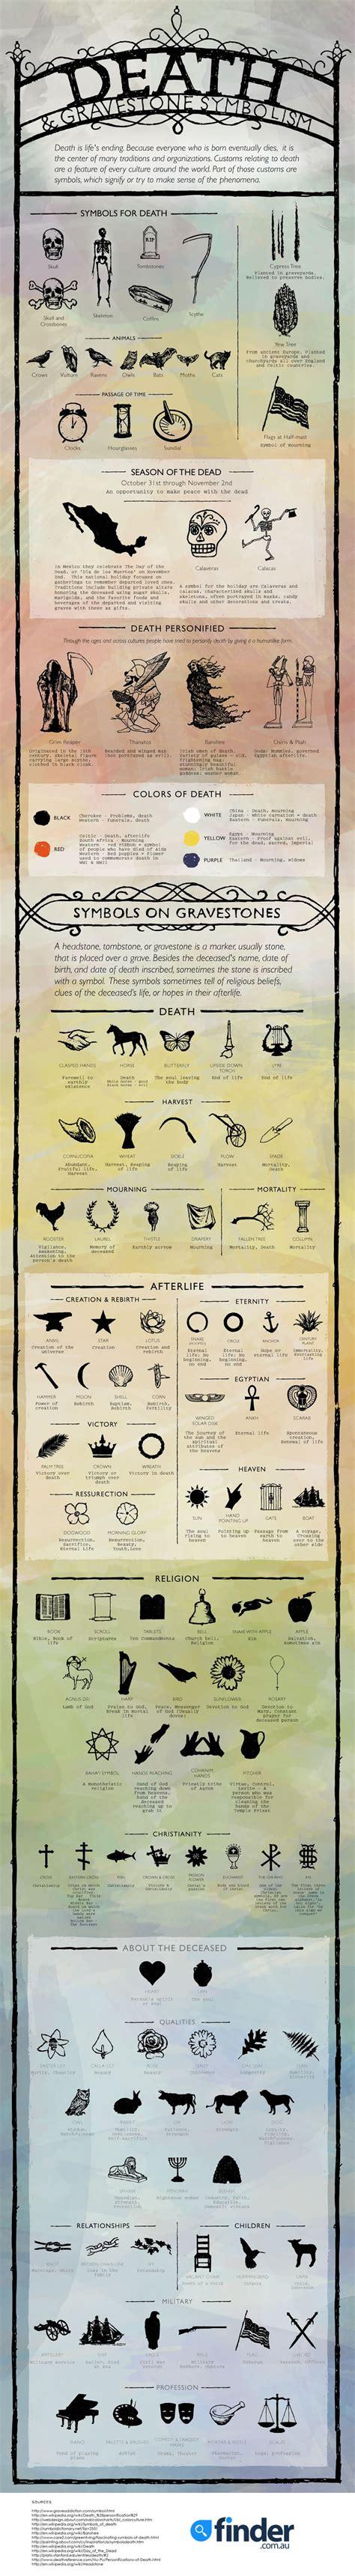 Deceased Finder And Gravestone Symbolism Infographic Finder Au